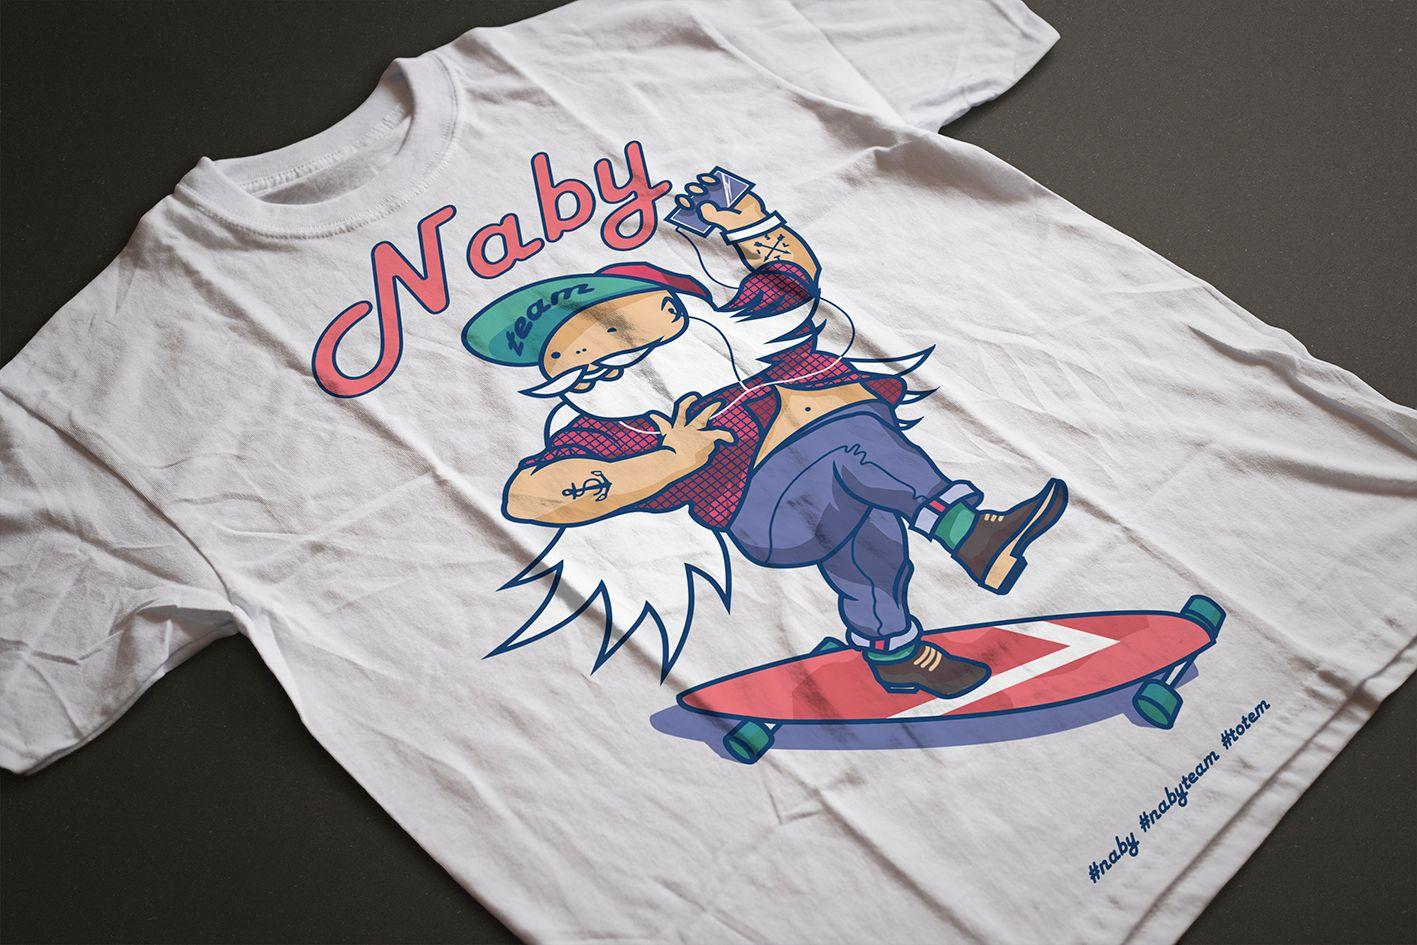 Tshirt mockup 21.jpg